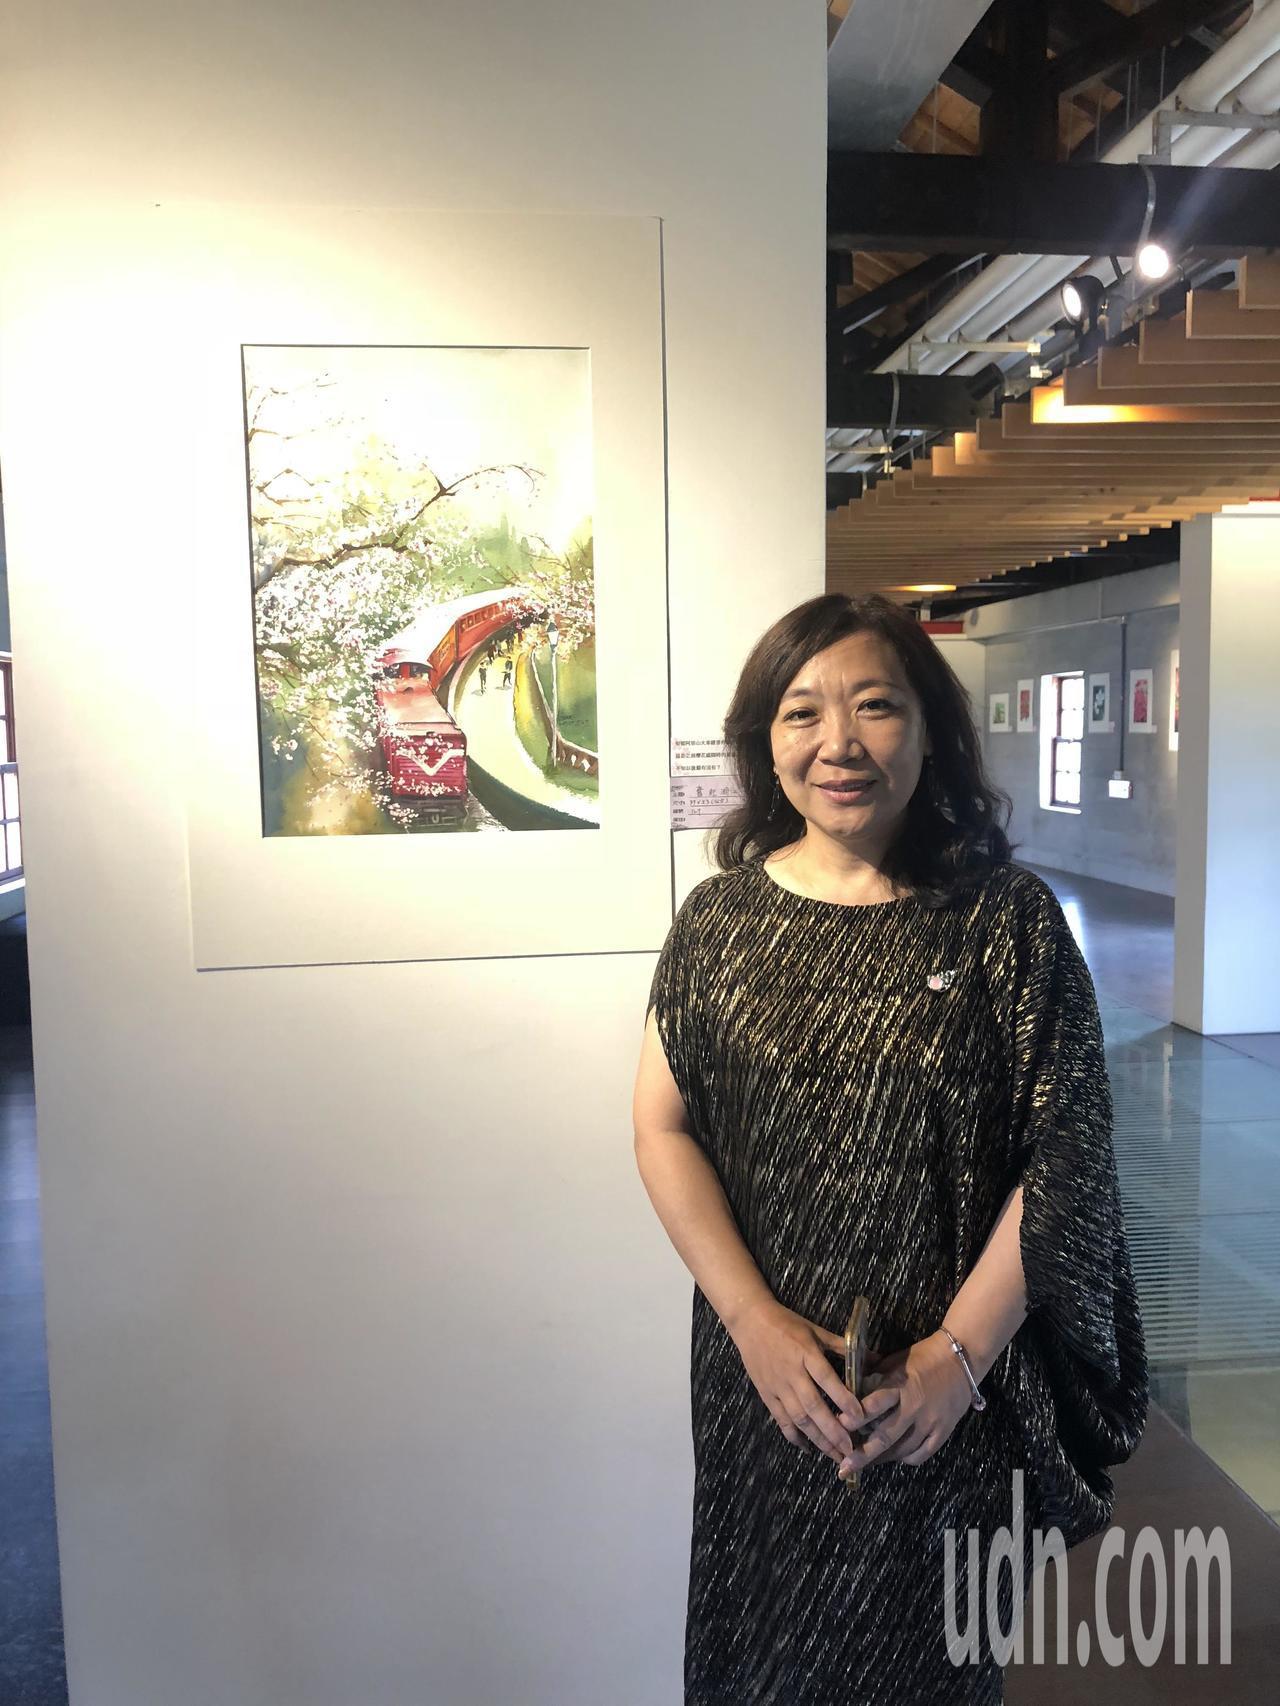 「美當下」諶麗美水彩畫展即日起在嘉義文創園區展出,她身旁的作品是阿里山火車。記者...